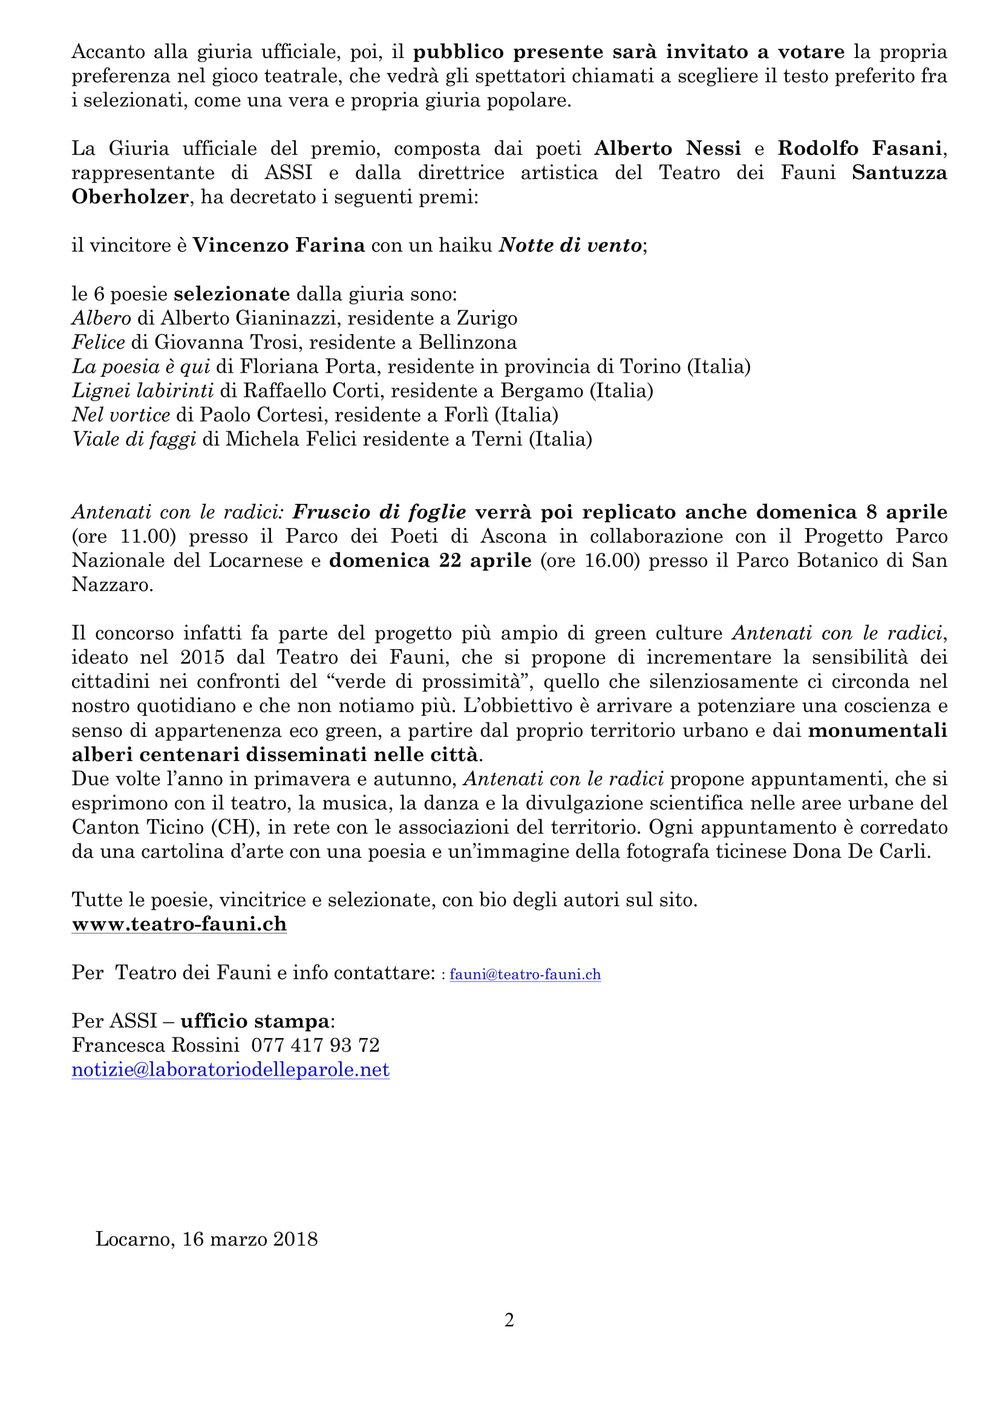 Concorso poesia Antenati 2018-2.jpg